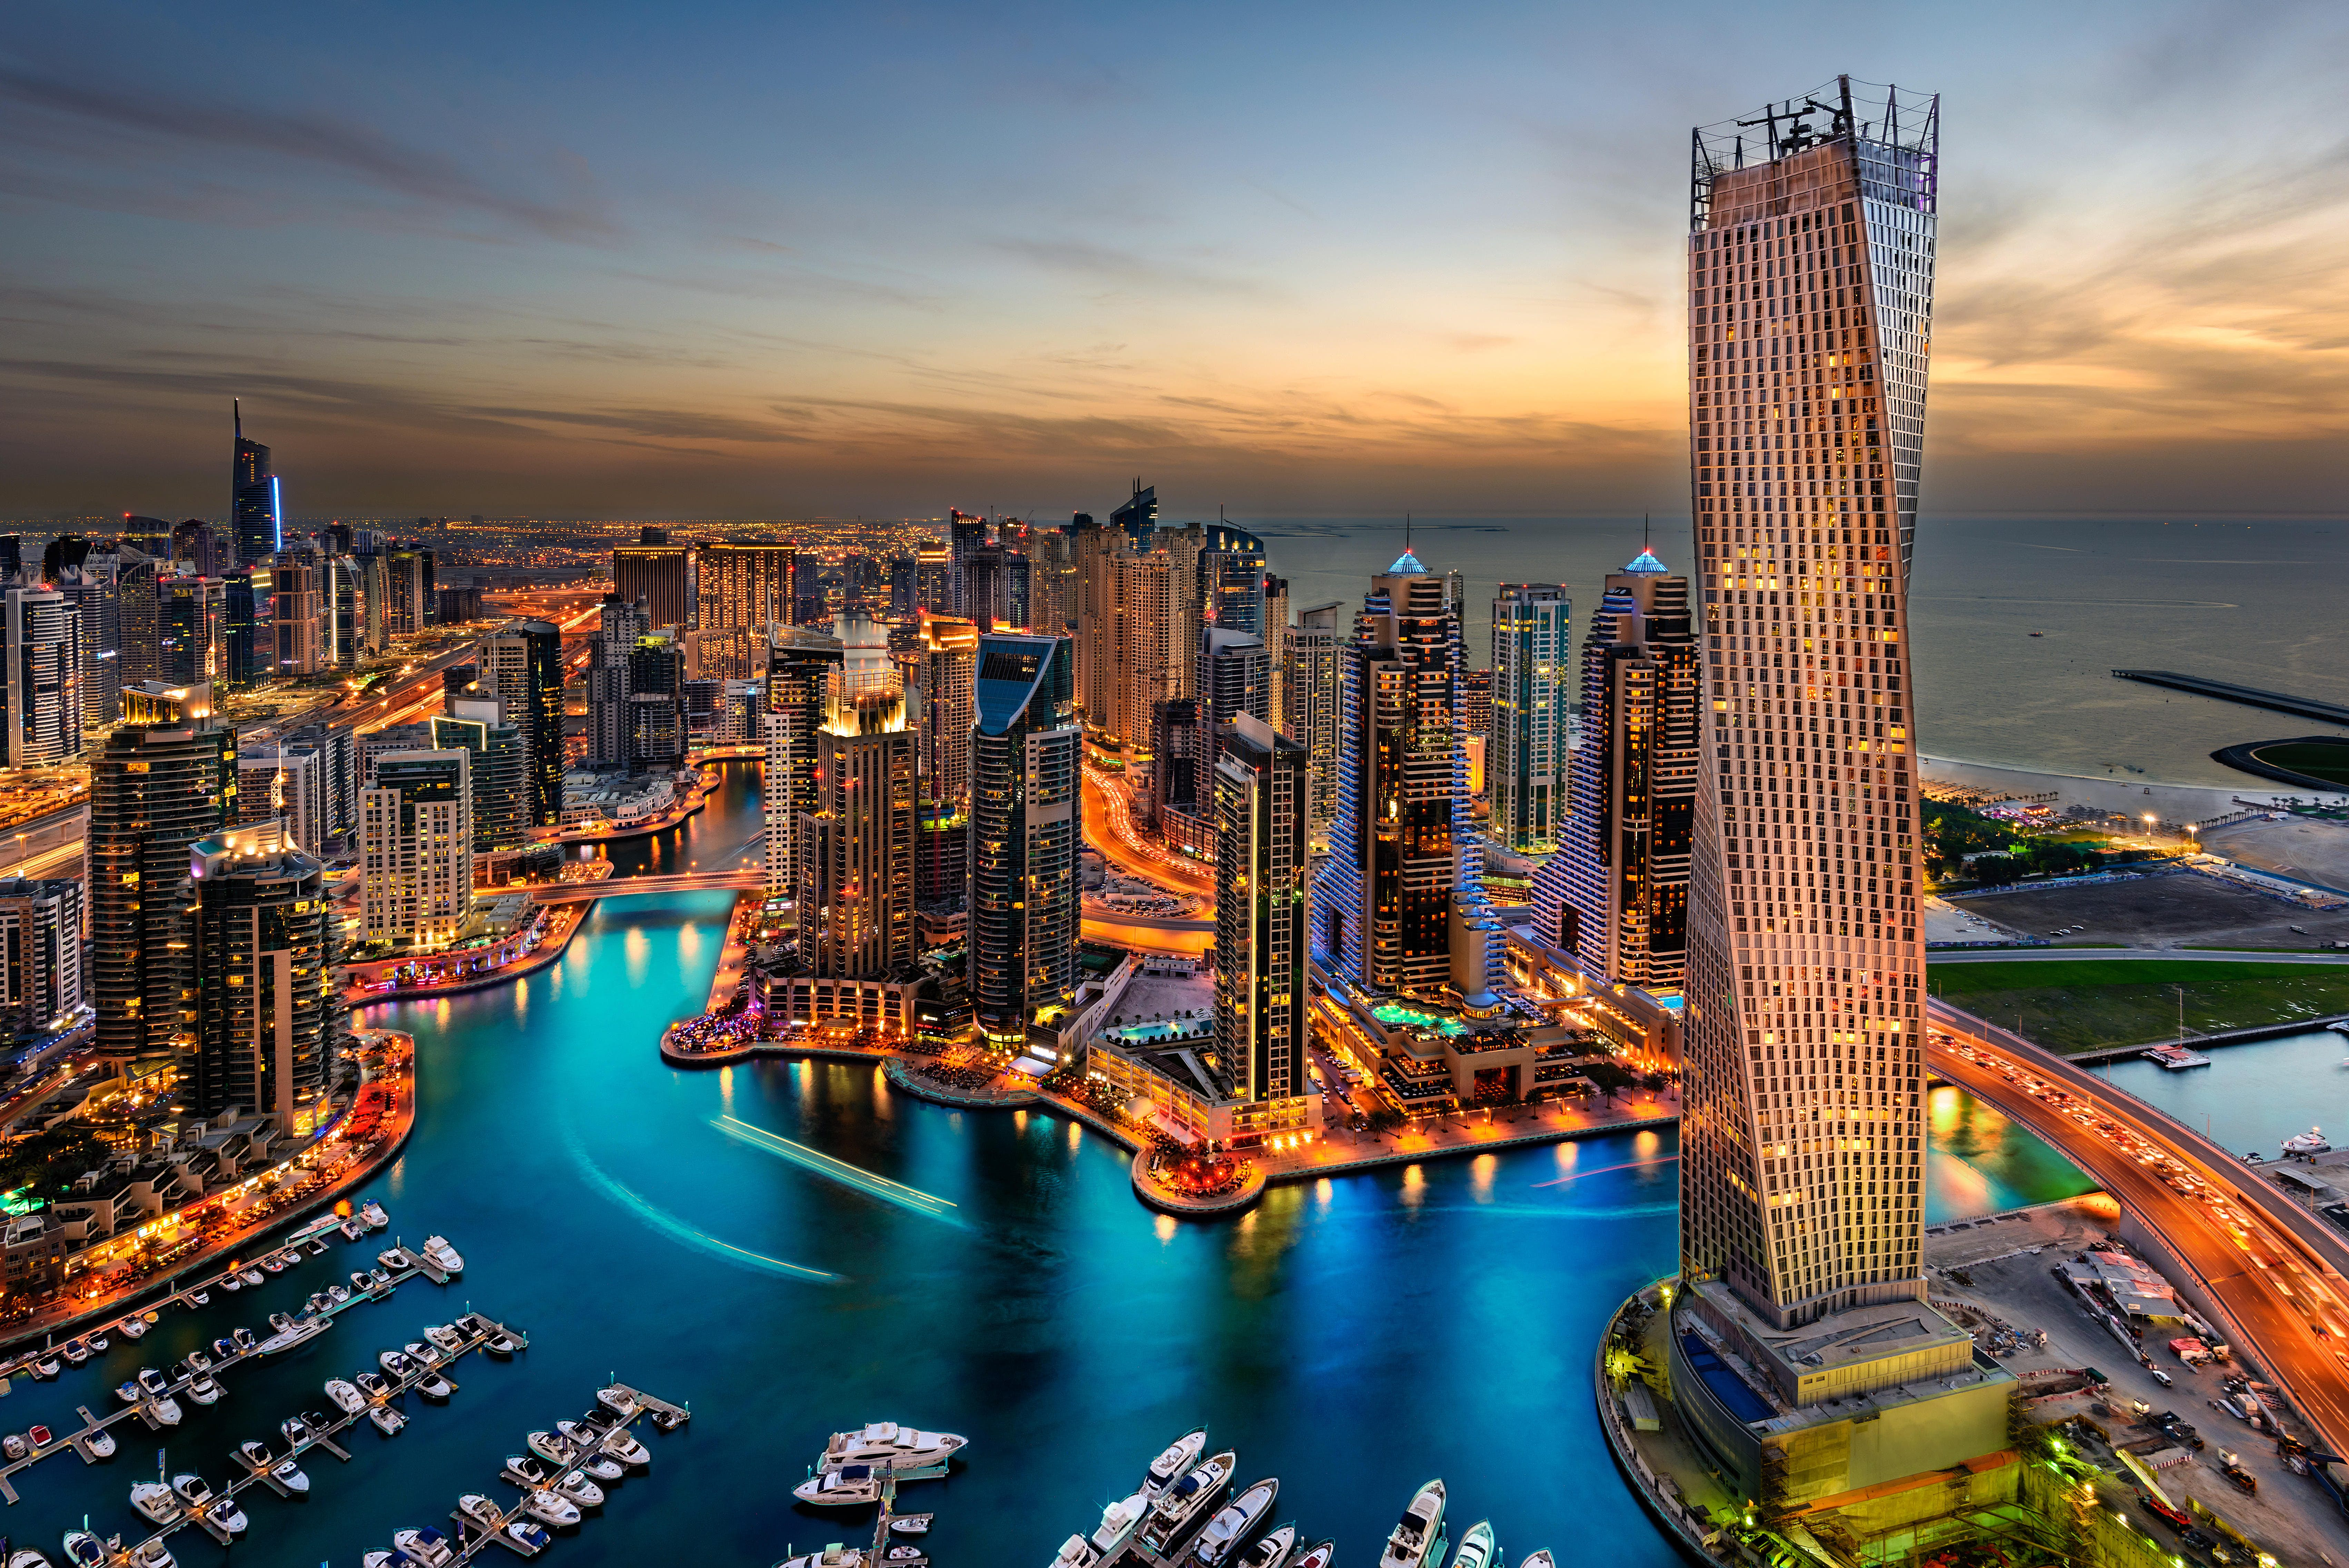 Дубай какой город купить квартиру в дубай марина цены в рублях